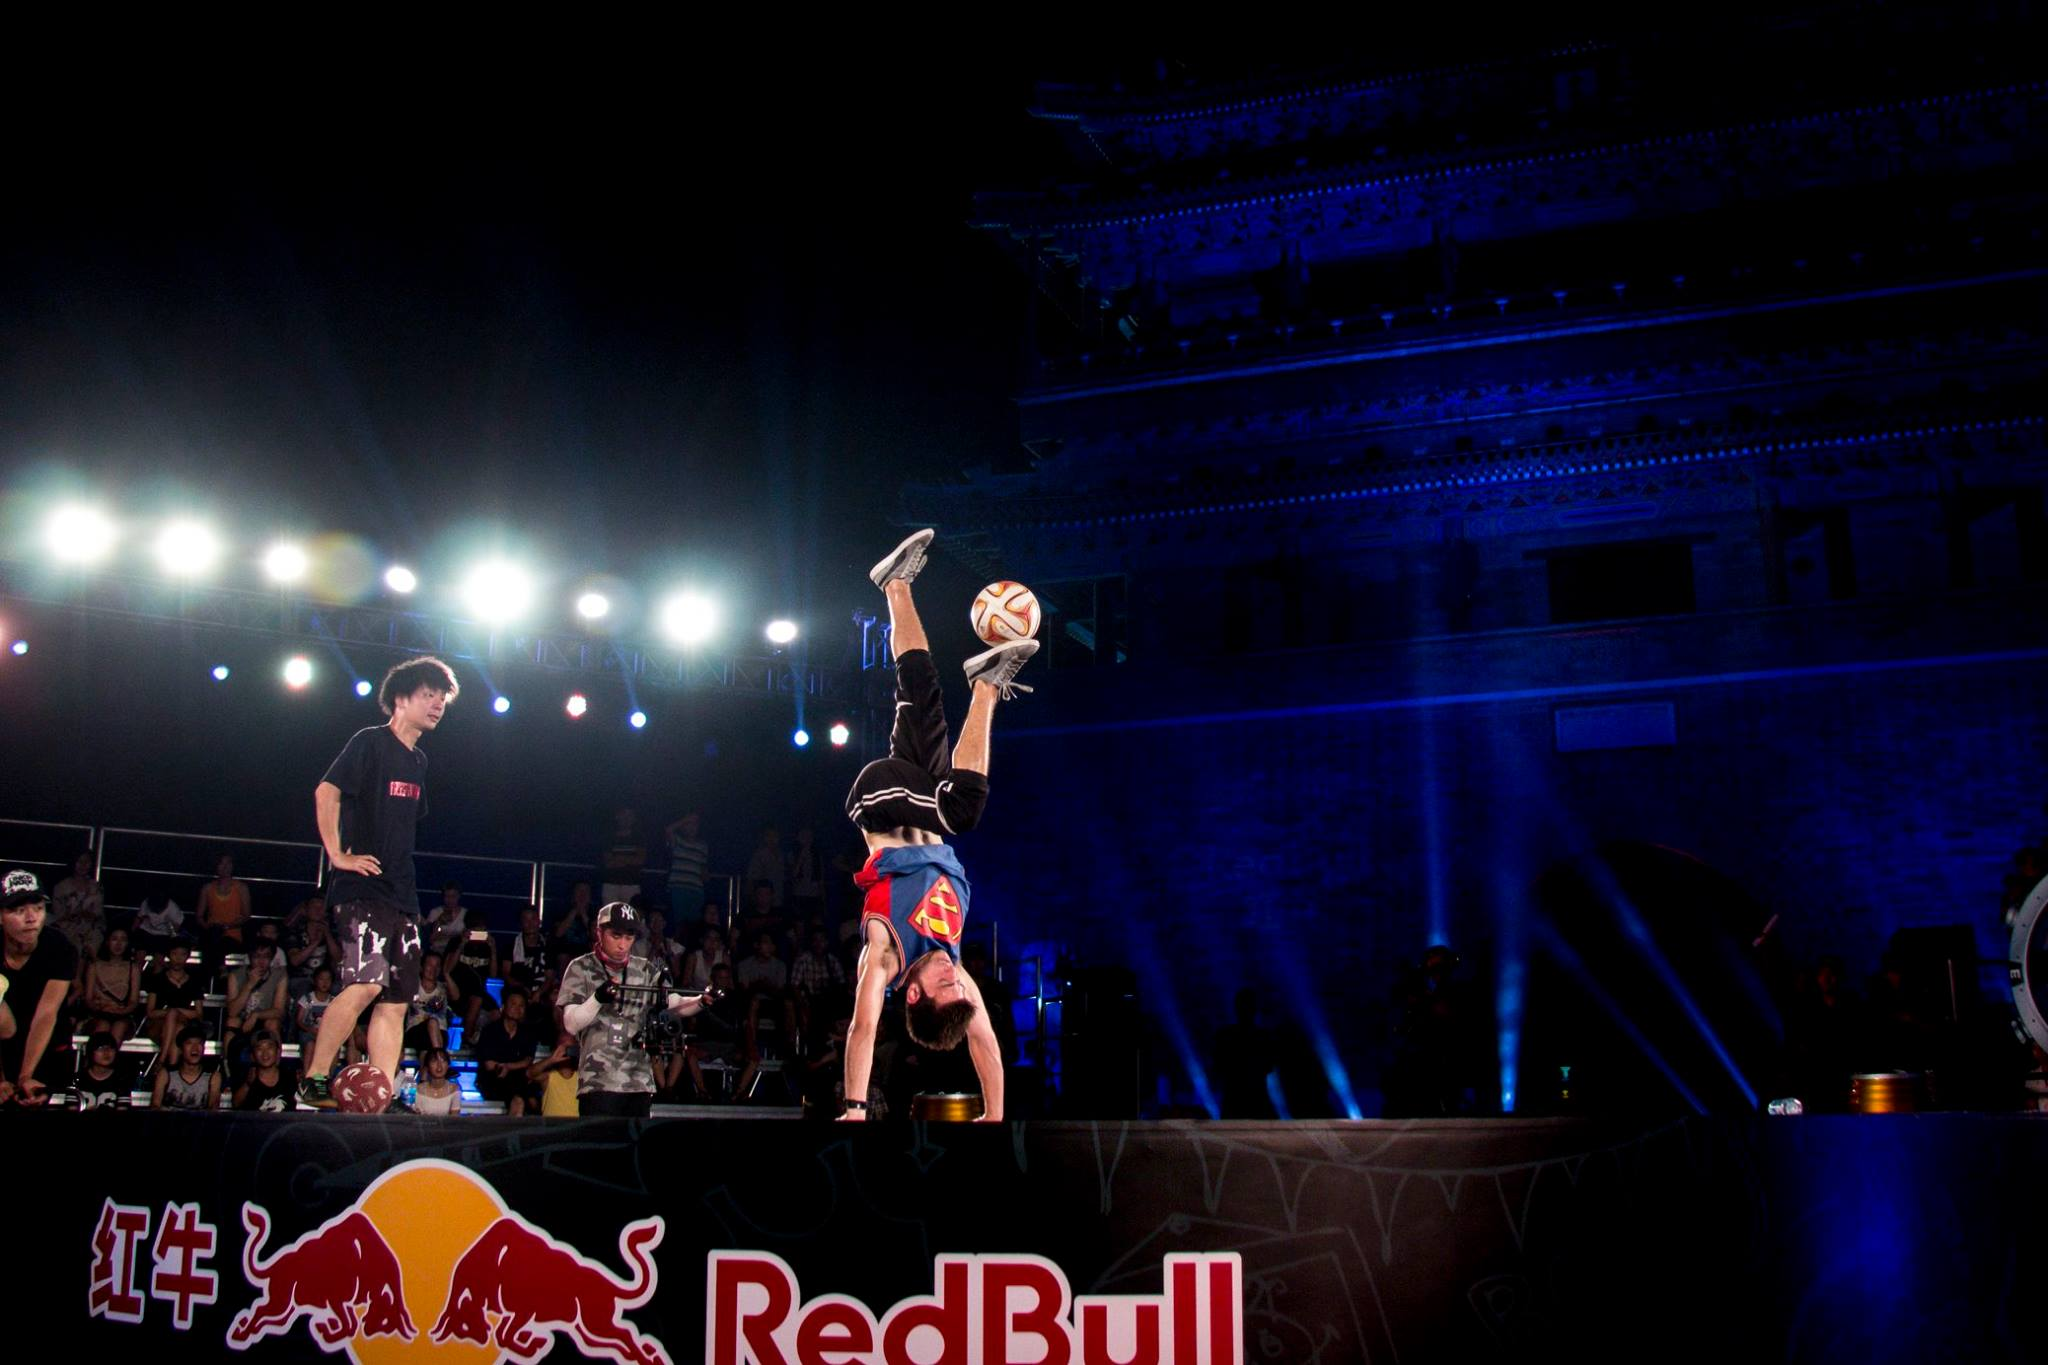 Red Bull China World Cup - Derde plaats Maarten van Luit